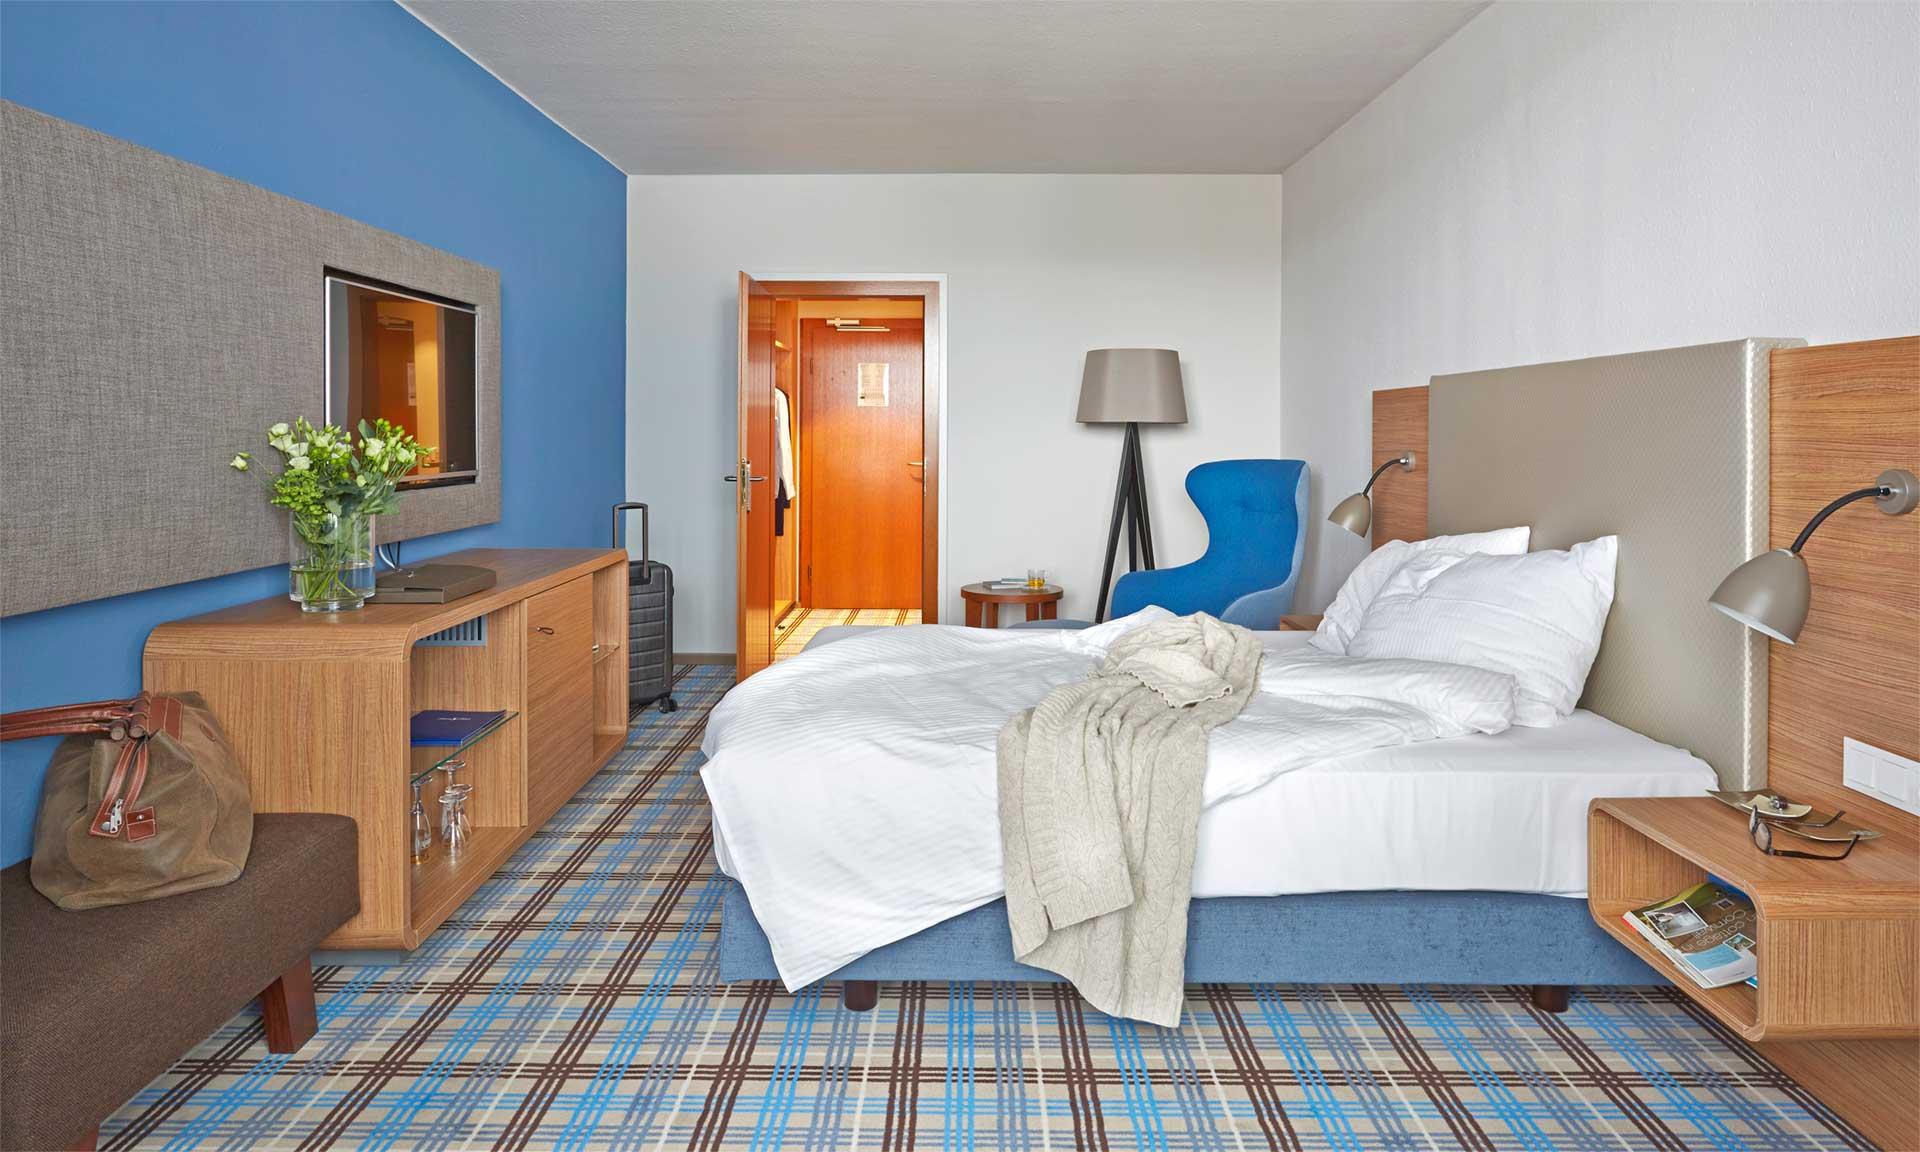 Residenz Hotel Chemnitz – zu Gast bei Freunden!